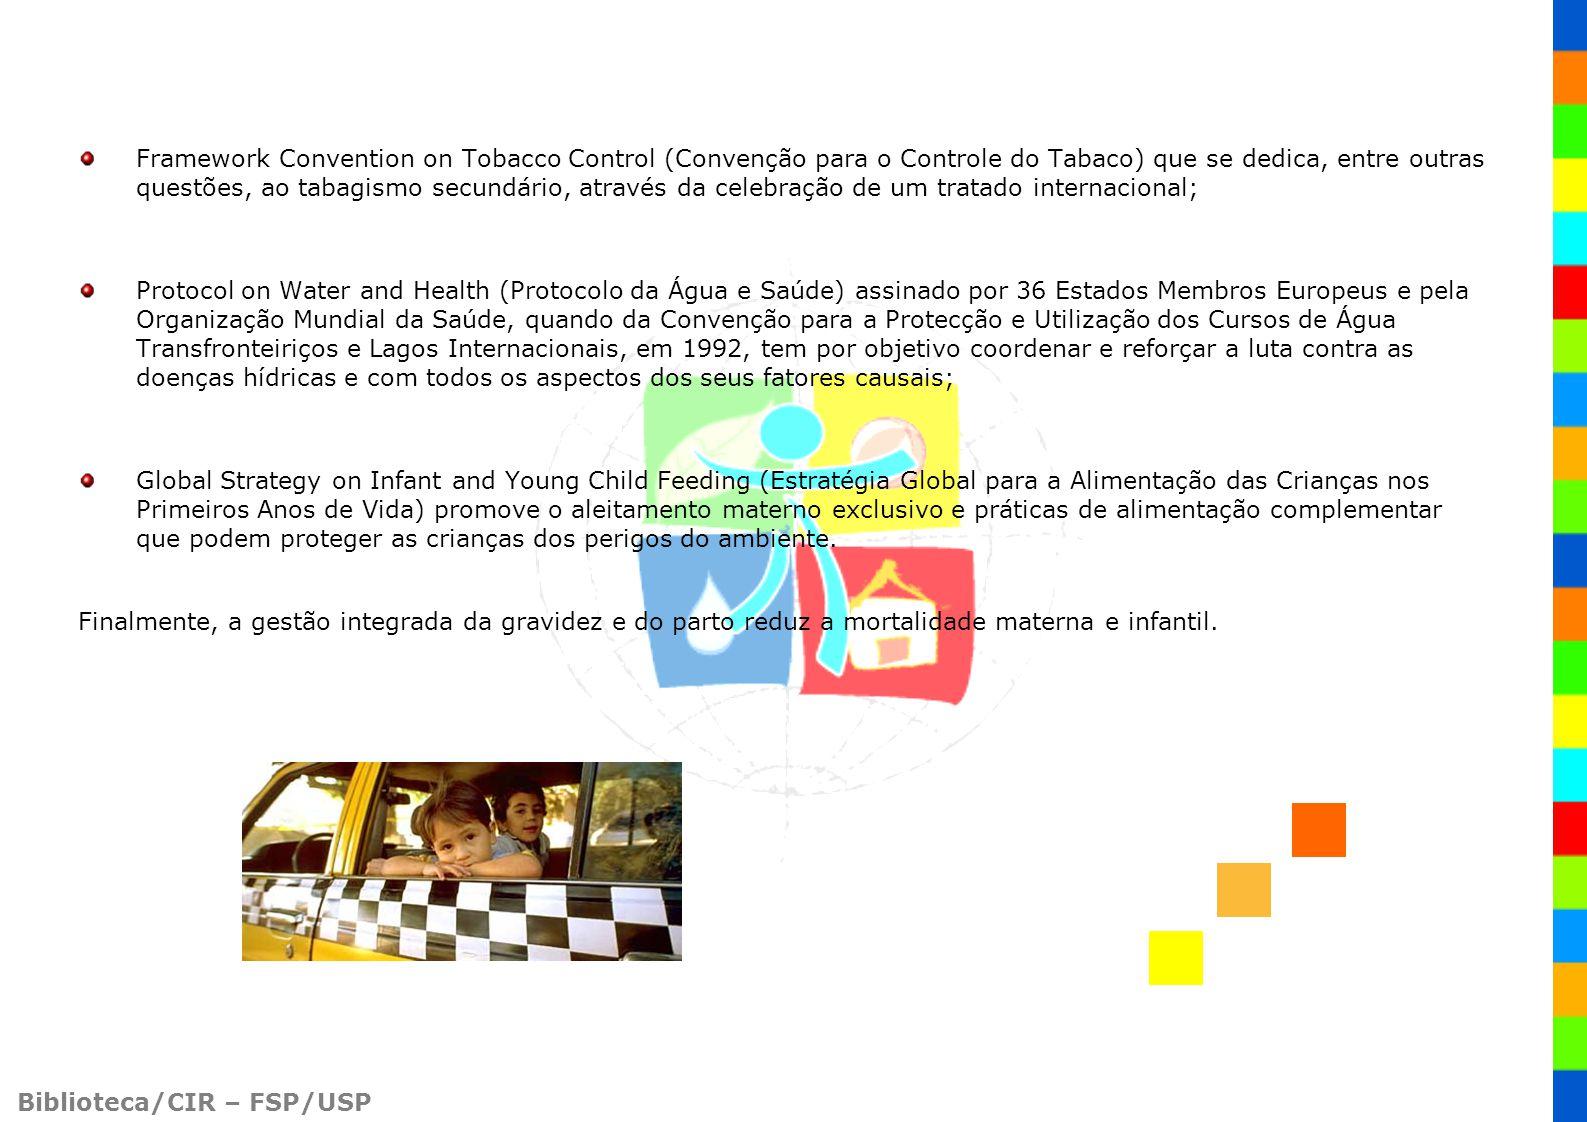 Framework Convention on Tobacco Control (Convenção para o Controle do Tabaco) que se dedica, entre outras questões, ao tabagismo secundário, através da celebração de um tratado internacional;